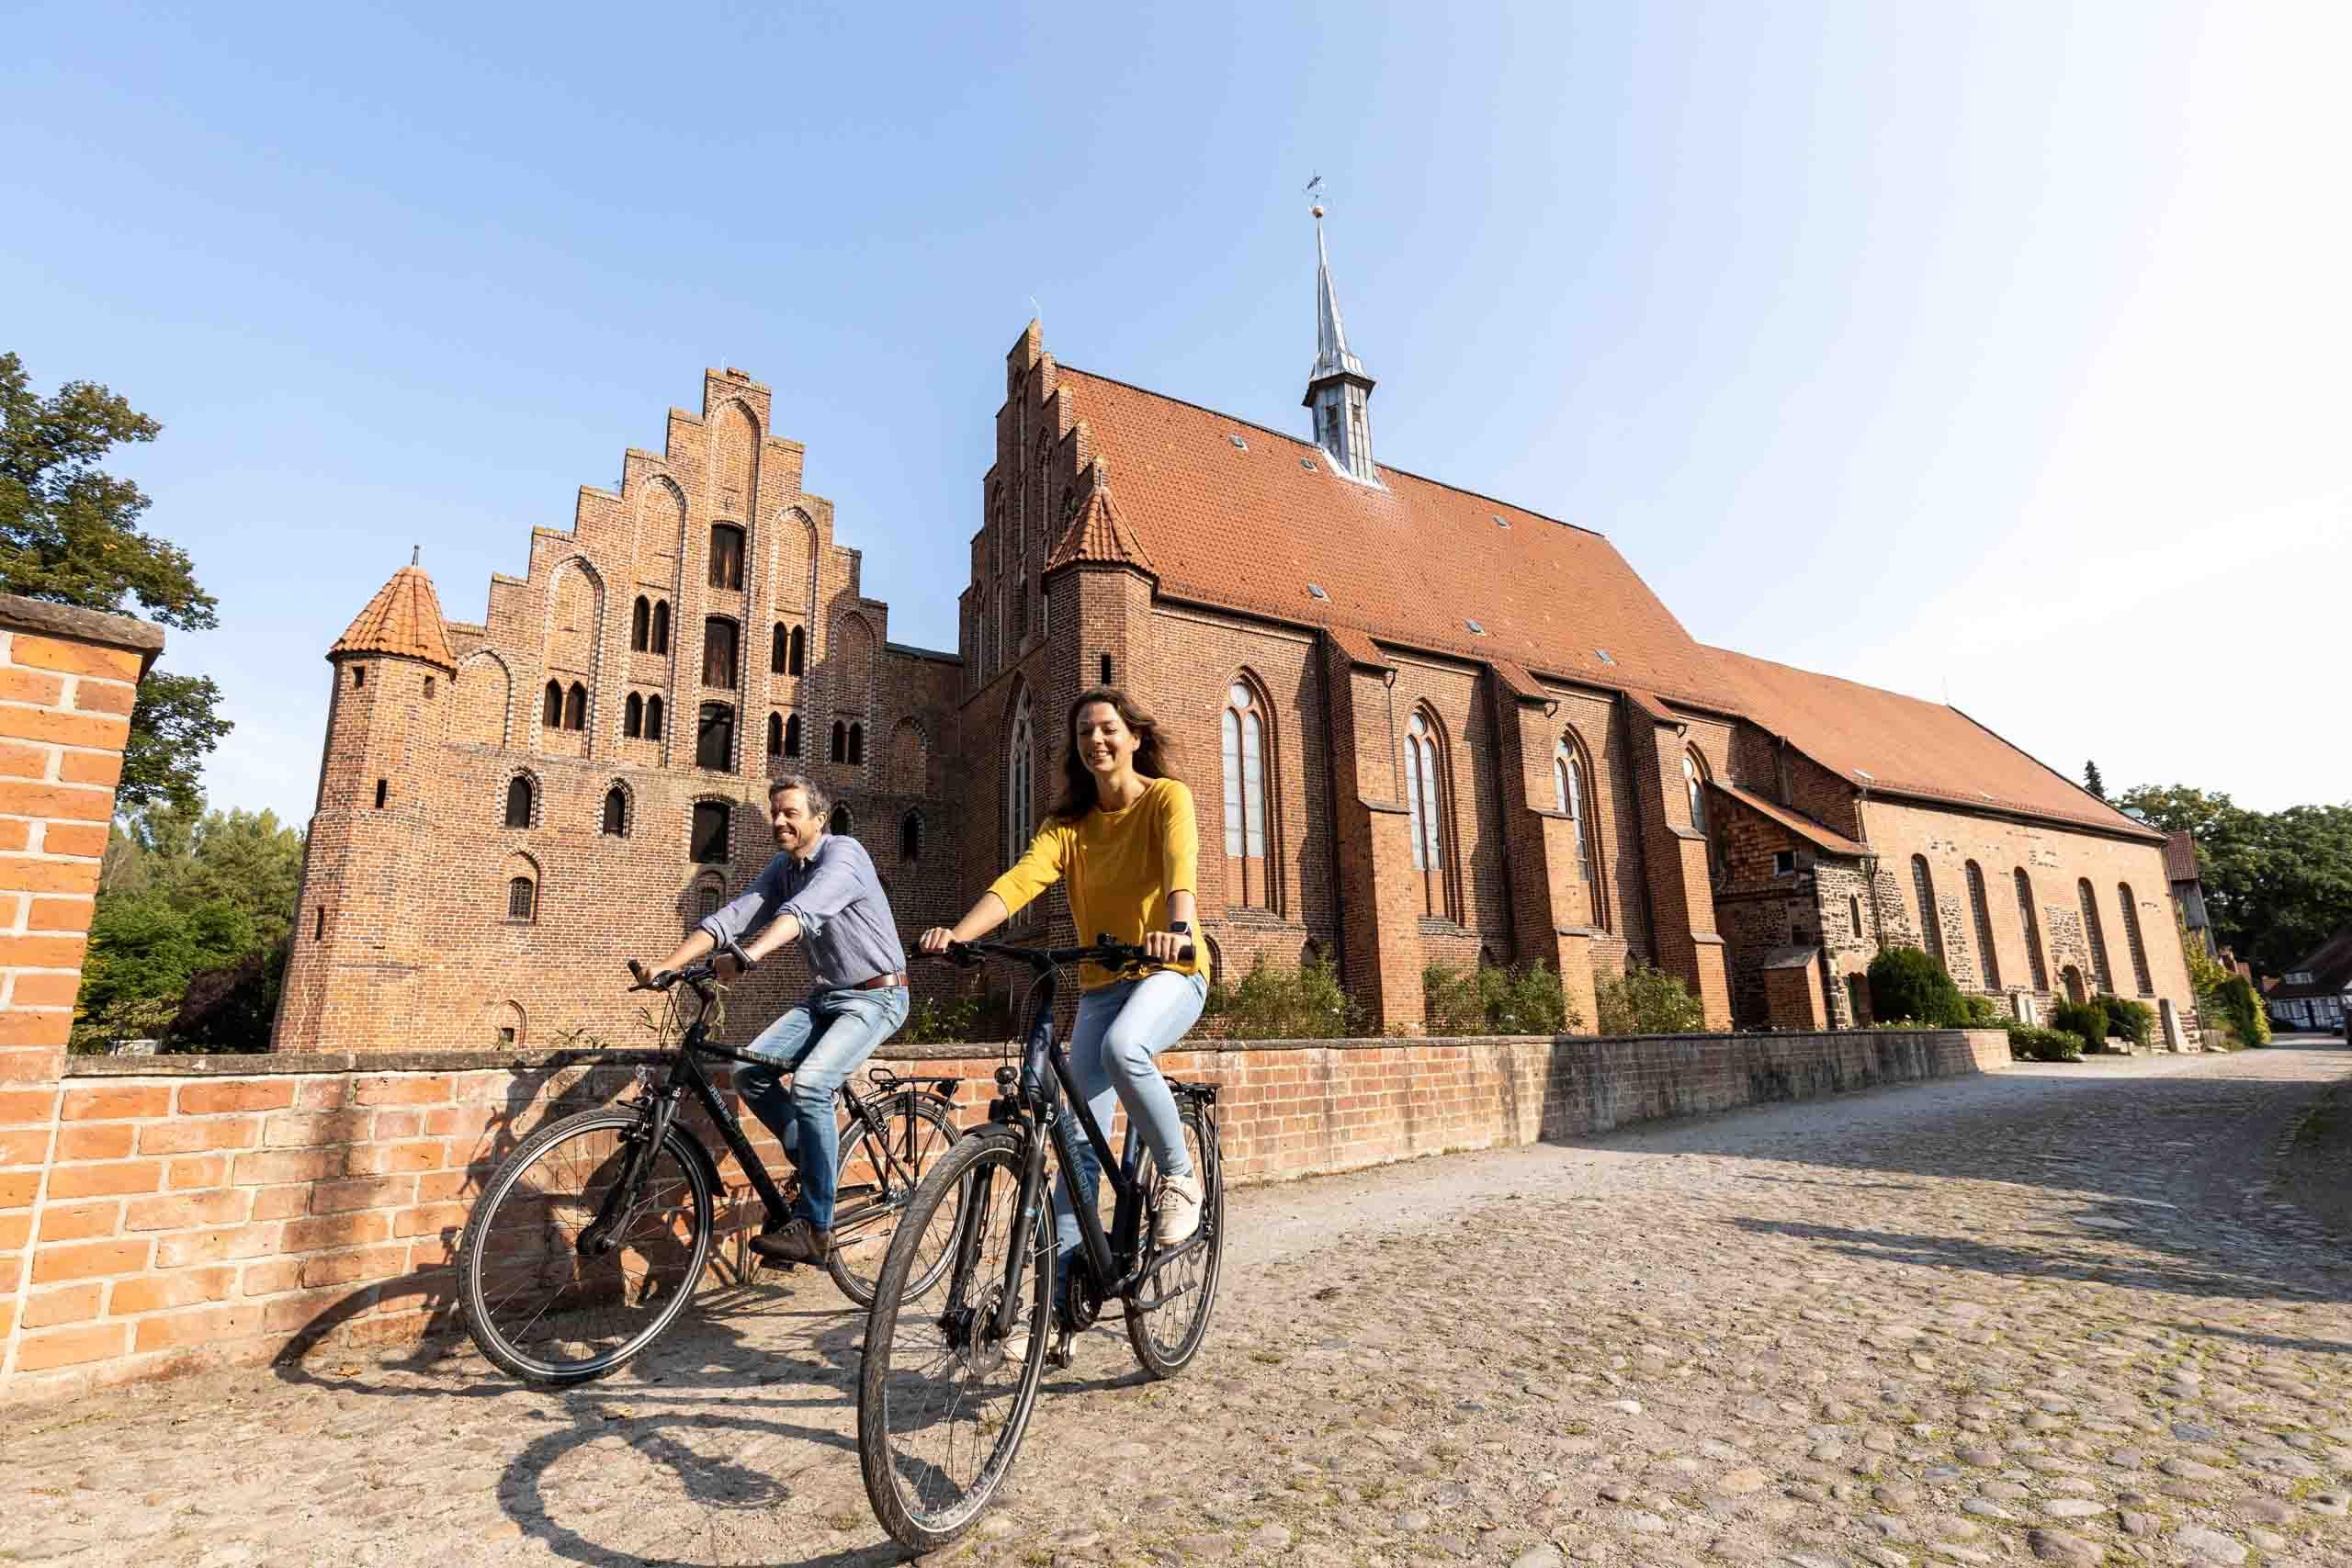 Der Aller-Radweg führt am Kloster Wienhausen vorbei